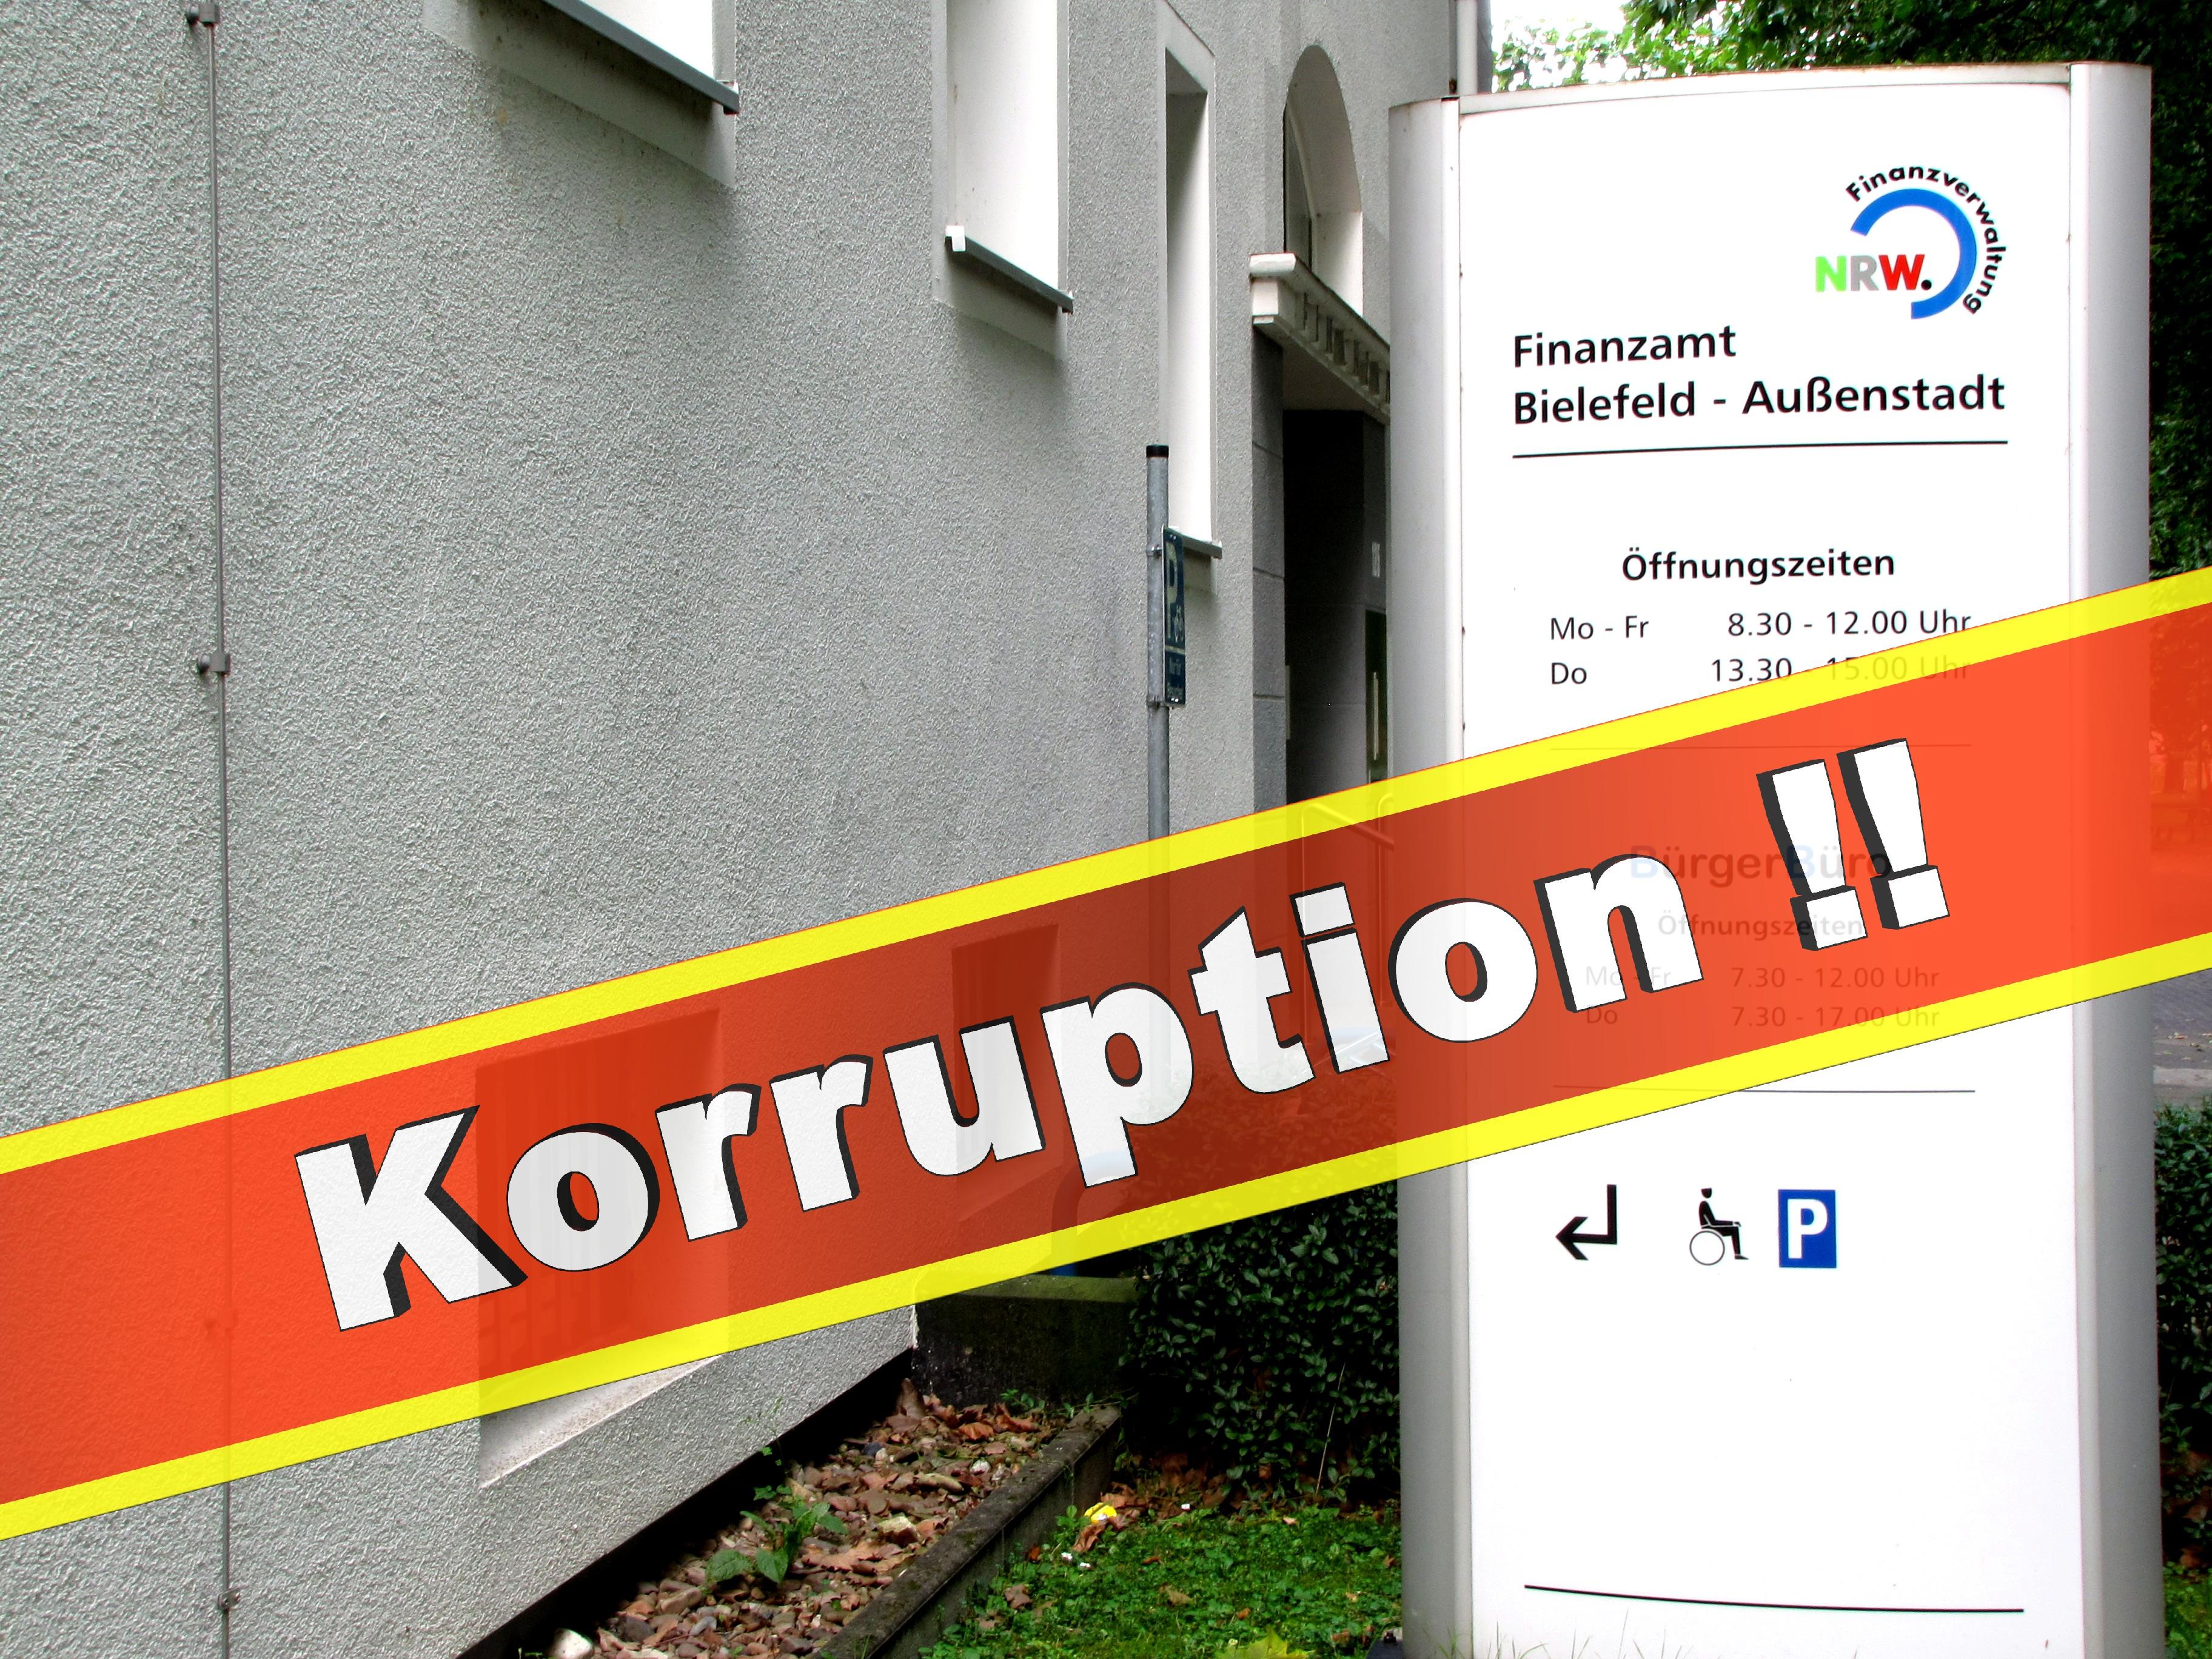 Finanzamt Bielefeld Innenstadt Finanzamt Bielefeld Außenstadt (5)